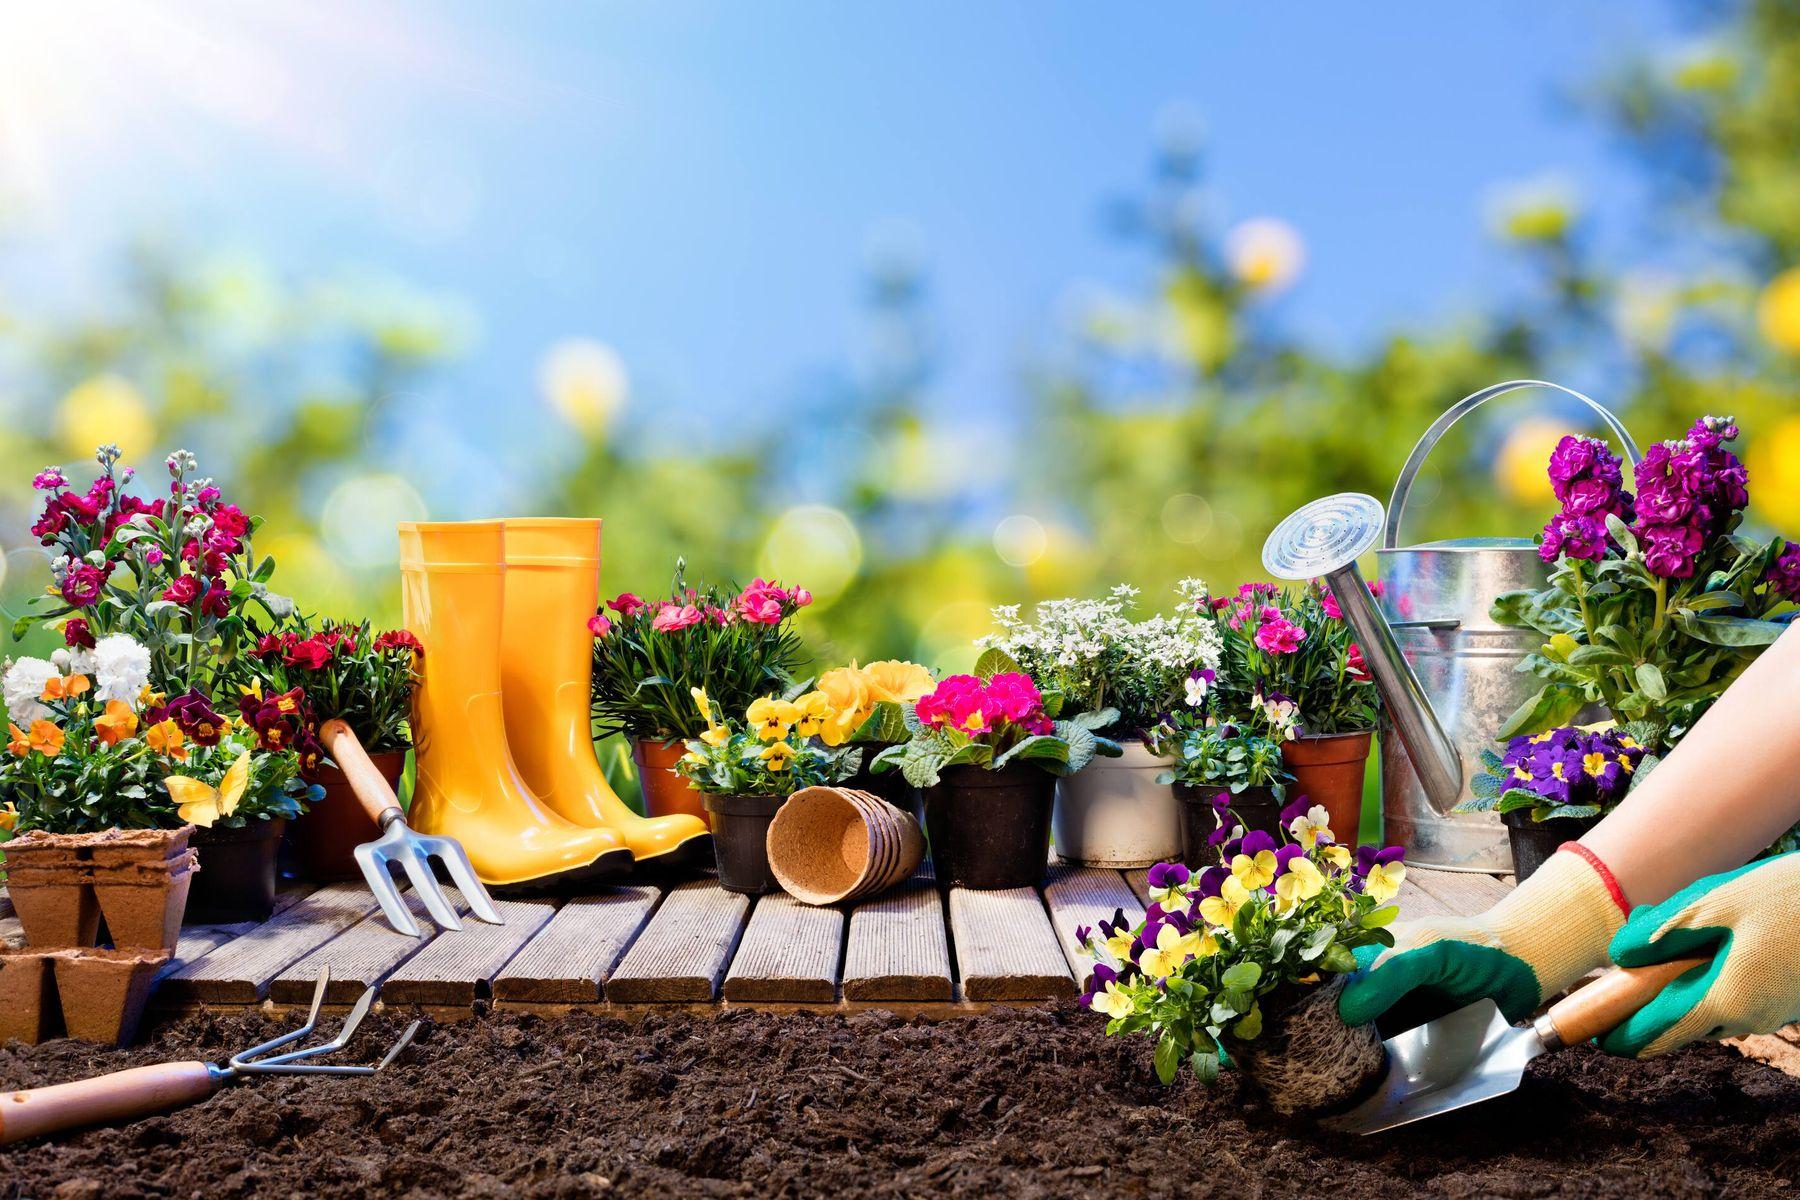 अपने बगीचे में जैविक खाद कैसे बनाएं | गेट सेट क्लीन